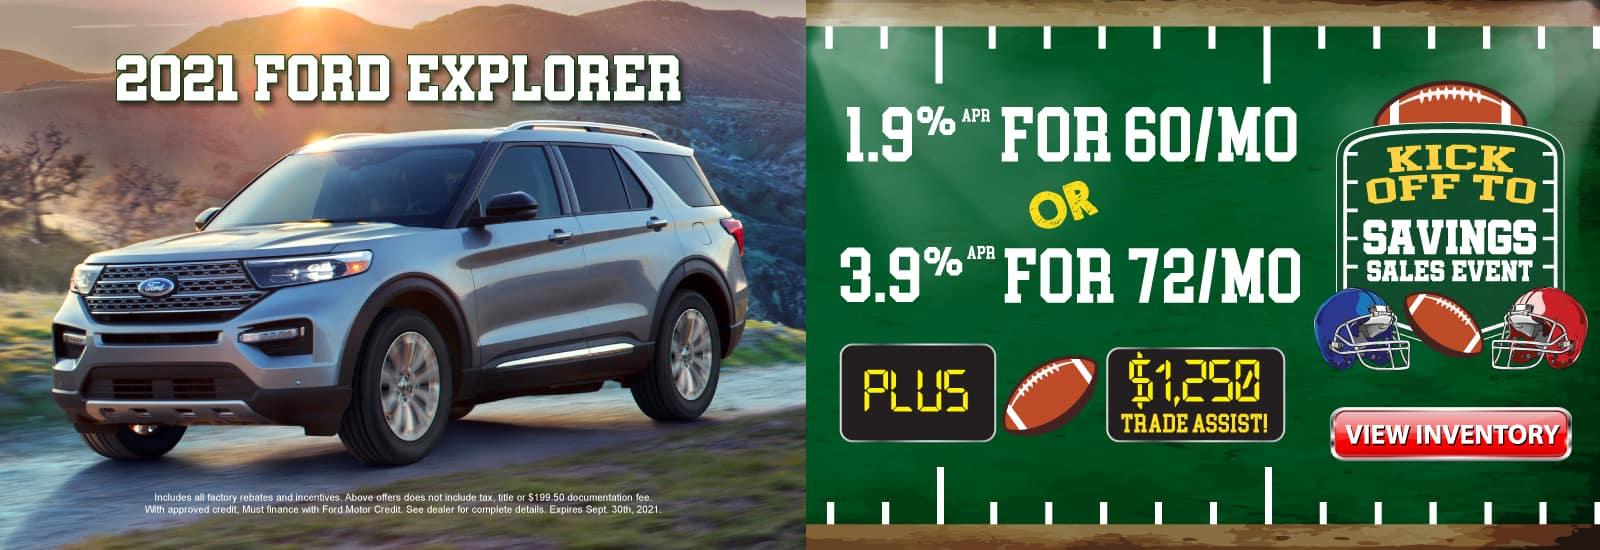 Sept2021-Ford-Explorer-Web-Banner-1600×550